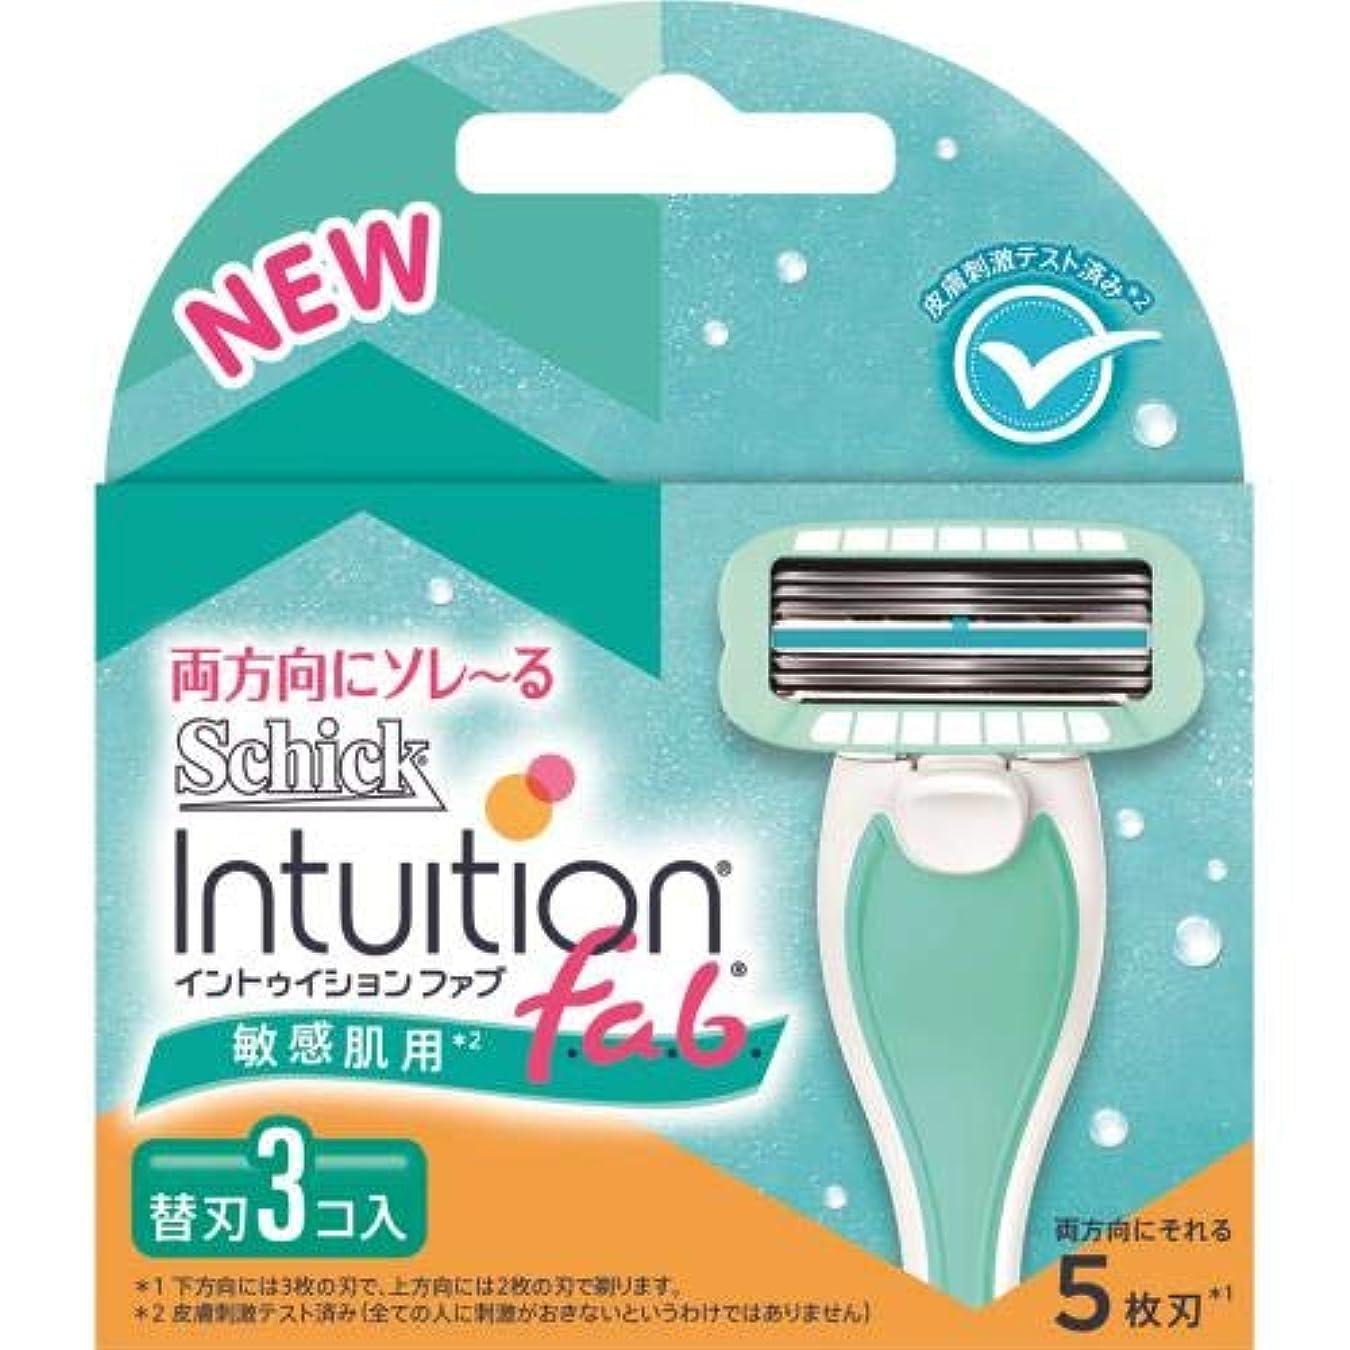 応答スマッシュ事実上シック?ジャパン イントゥイション ファブ 替刃 敏感肌用 (3個入) 女性用カミソリ 4個セット